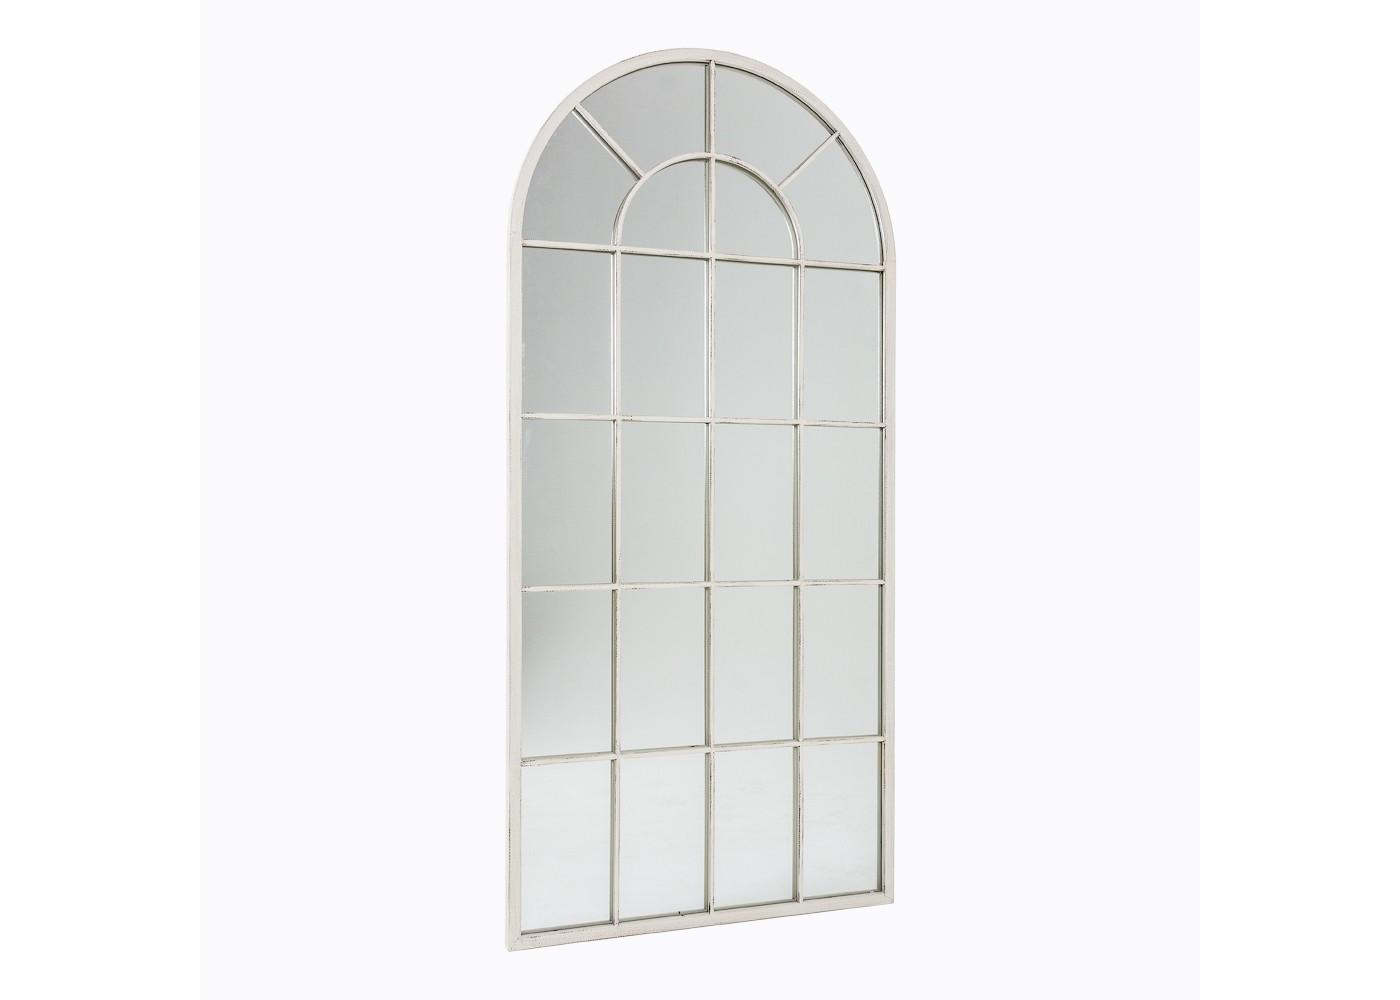 Настенное зеркало «Оранжери» (белый антик)Настенные зеркала<br>Арочные своды королевских дворцов, великолепие средневековой архитектуры и романтизм... Какие еще ассоциации вызовет у вас зеркало &amp;quot;Оранжери&amp;quot;? Этот декор-иллюзия позволит не только украсить, но и преобразить геометрию пространства. Большое зеркало, дополненное белоснежными металлическими прутьями, визуально расширит комнату и подарит ей больше света. В галерее, салоне или будуаре в стиле прованс это мечтательное, утонченное и величественное дополнение будет очень кстати.&amp;lt;div&amp;gt;&amp;lt;br&amp;gt;&amp;lt;/div&amp;gt;&amp;lt;div&amp;gt;Зеркало крепится к стене на два крючка на задней панелёи.&amp;lt;/div&amp;gt;&amp;lt;div&amp;gt;Размер: 140?65?4 см.&amp;lt;/div&amp;gt;&amp;lt;div&amp;gt;Вес: 12 кг.&amp;lt;/div&amp;gt;<br><br>Material: Металл<br>Ширина см: 65.0<br>Высота см: 140.0<br>Глубина см: 4.0